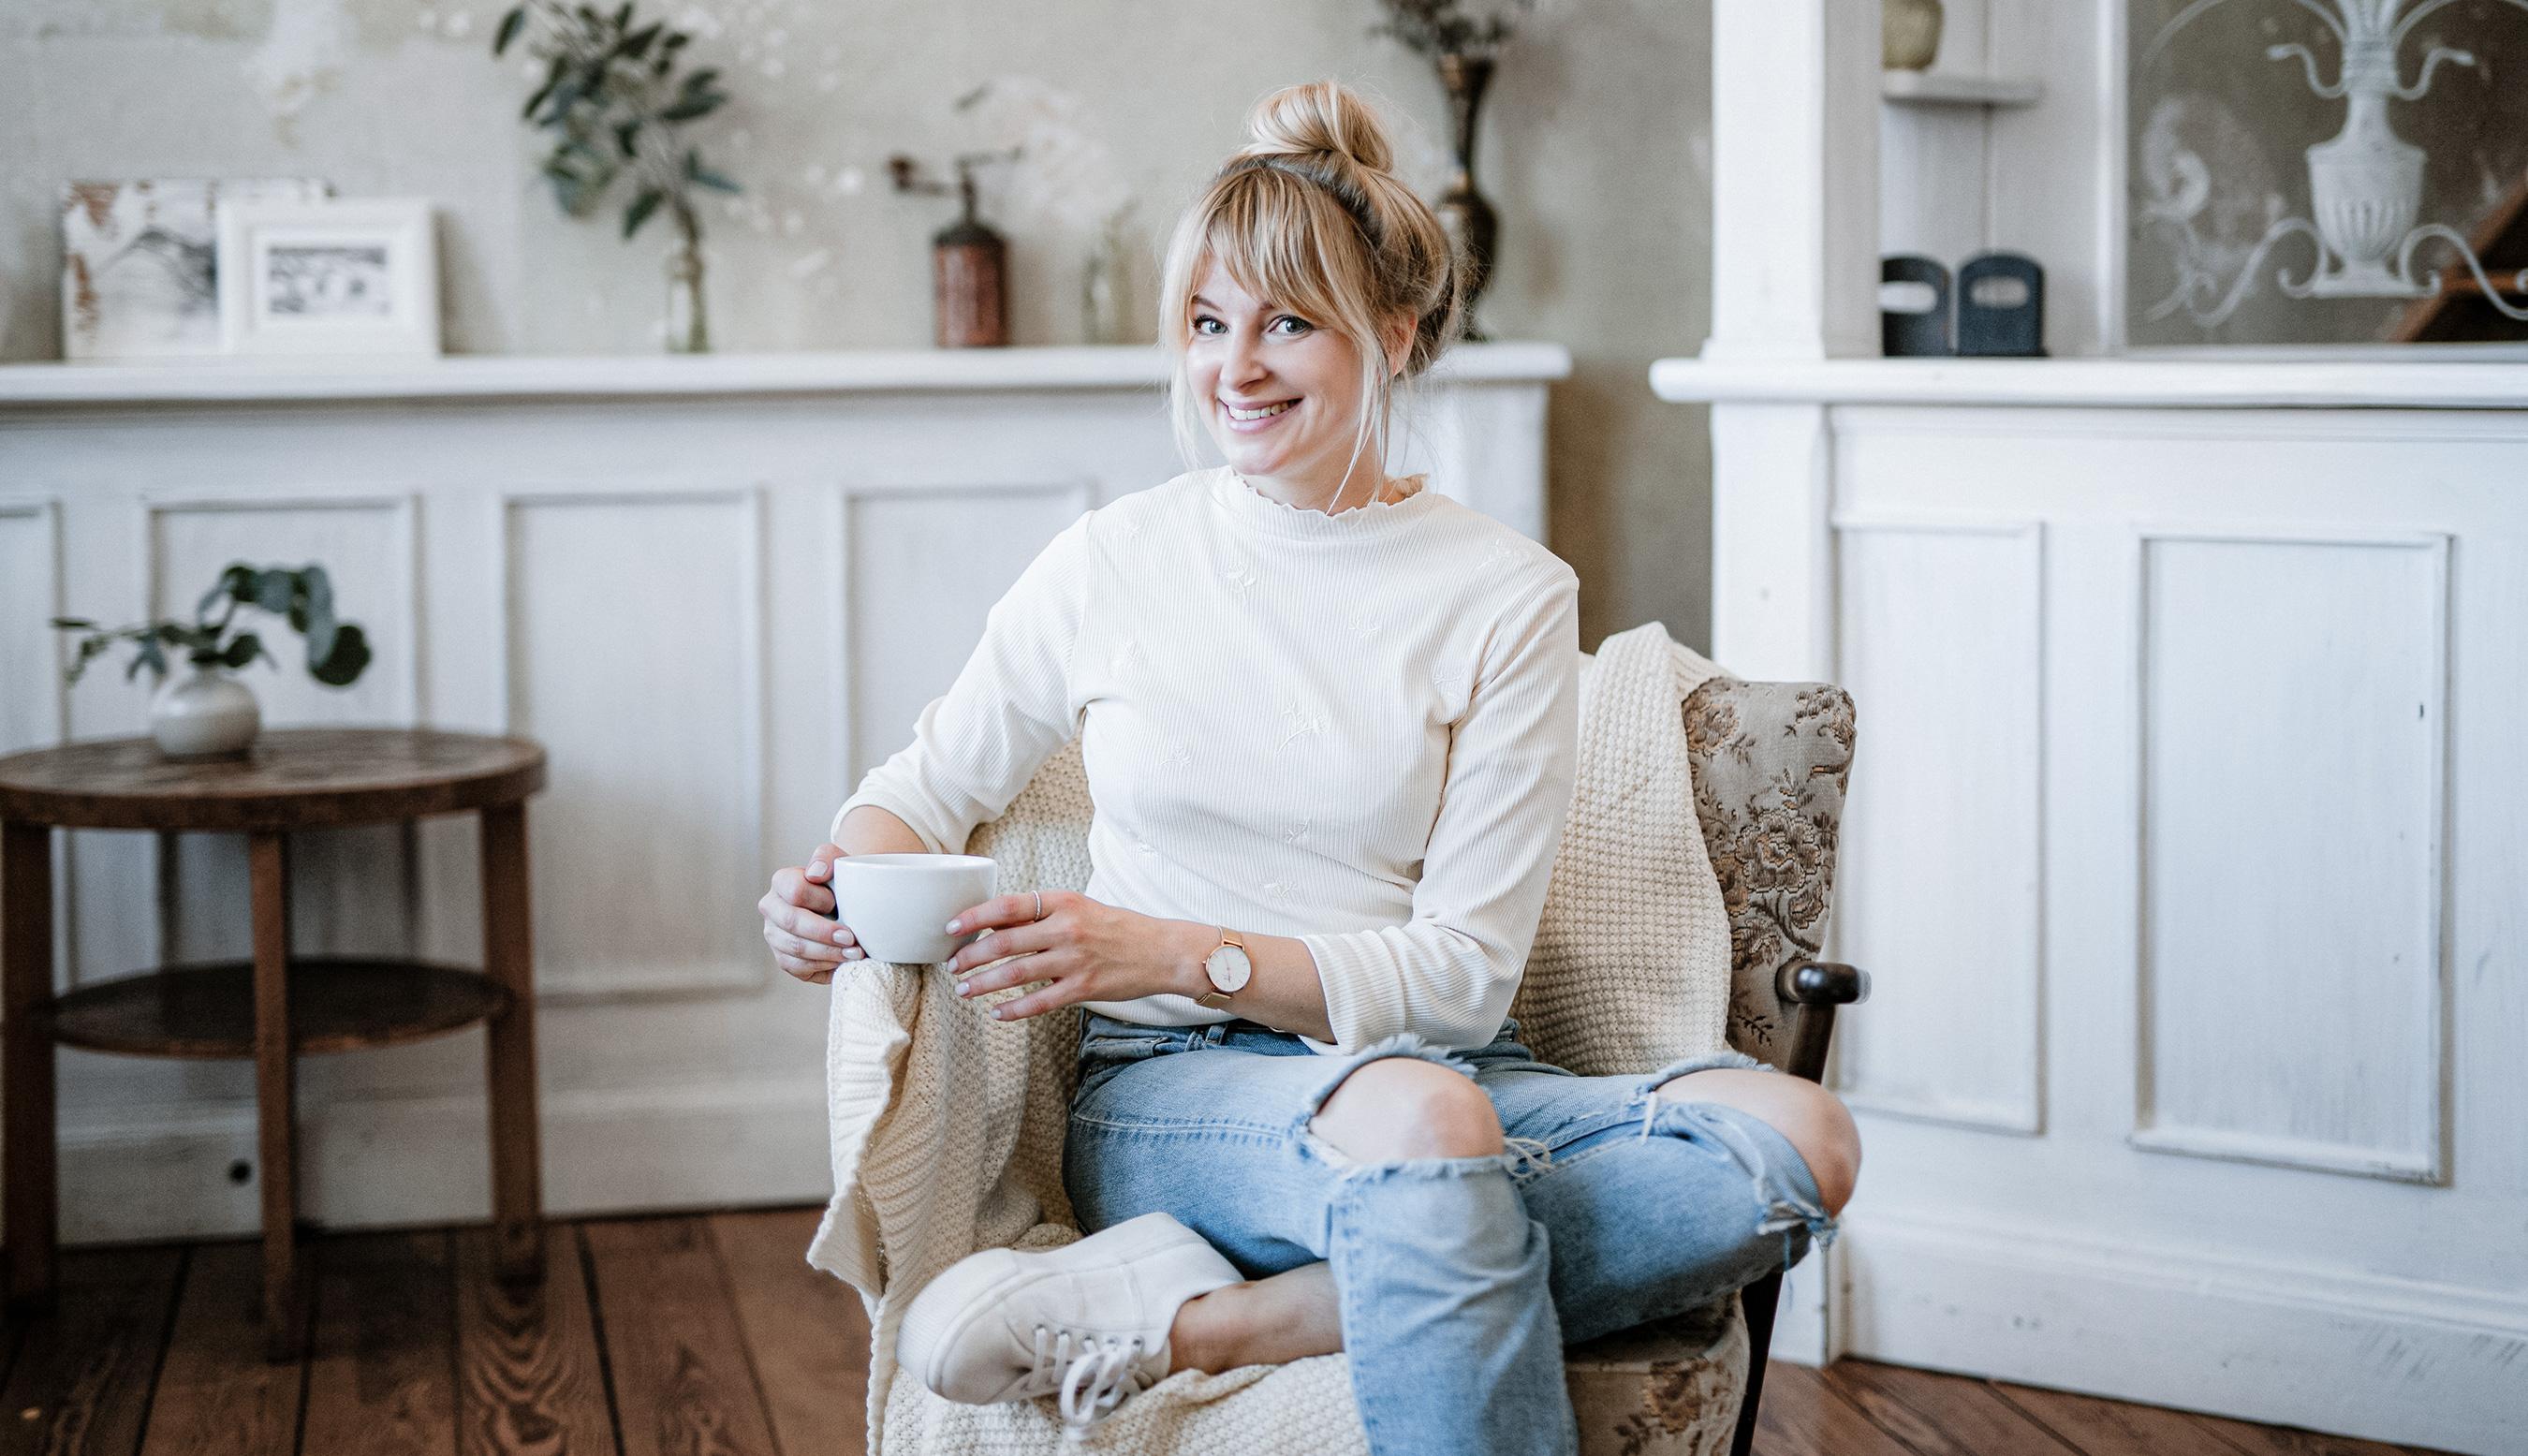 Frau auf Sessel lächelt und trinkt Kaffee